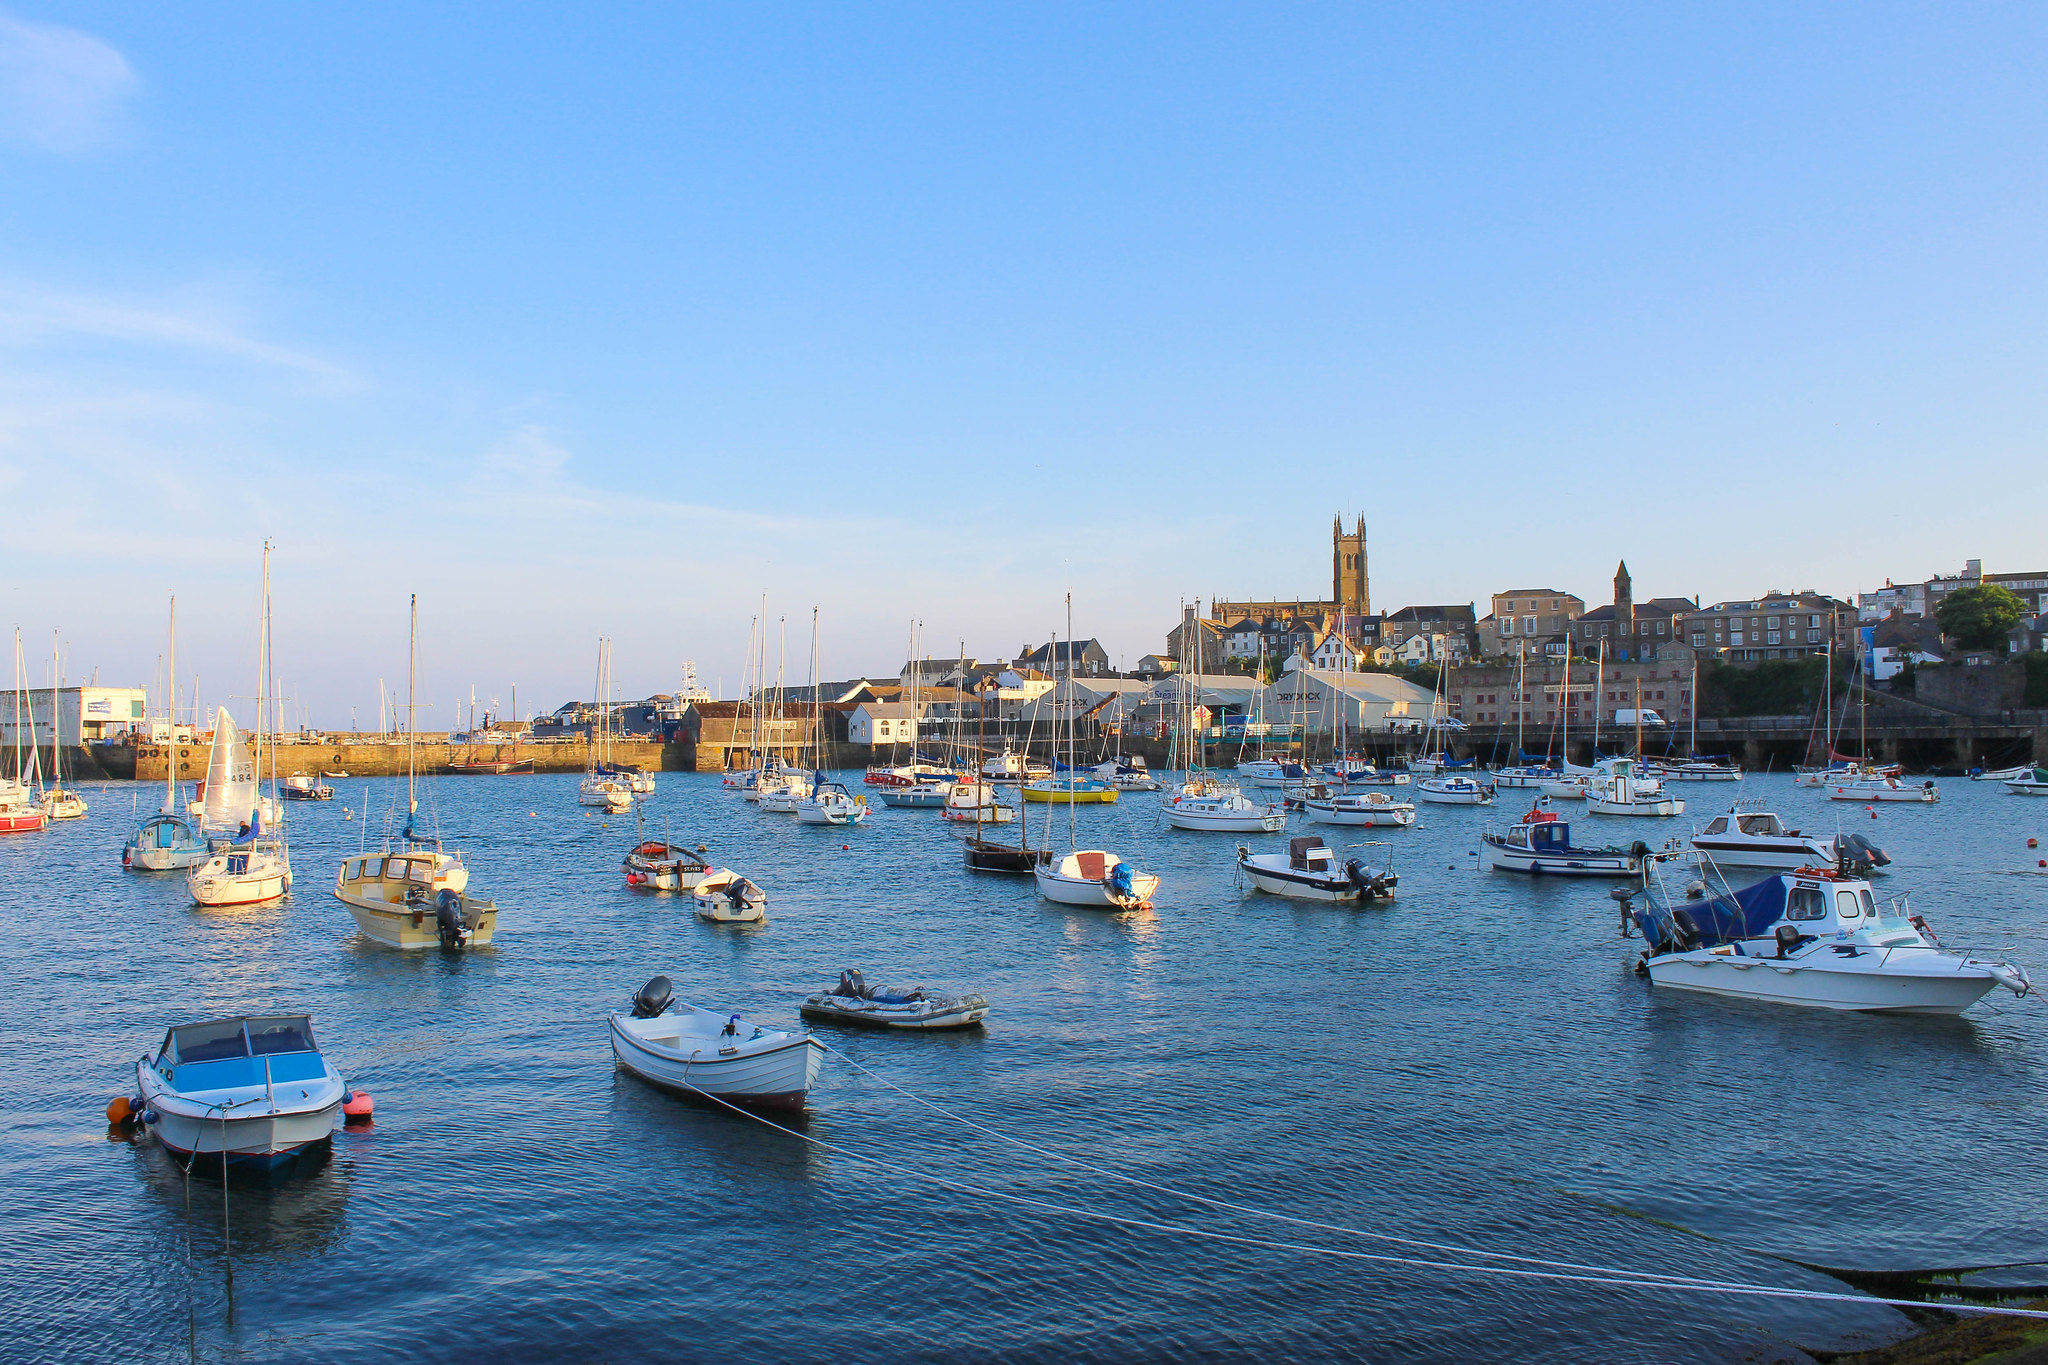 Die britische Stadt Penzance an der Küste Cornwalls.